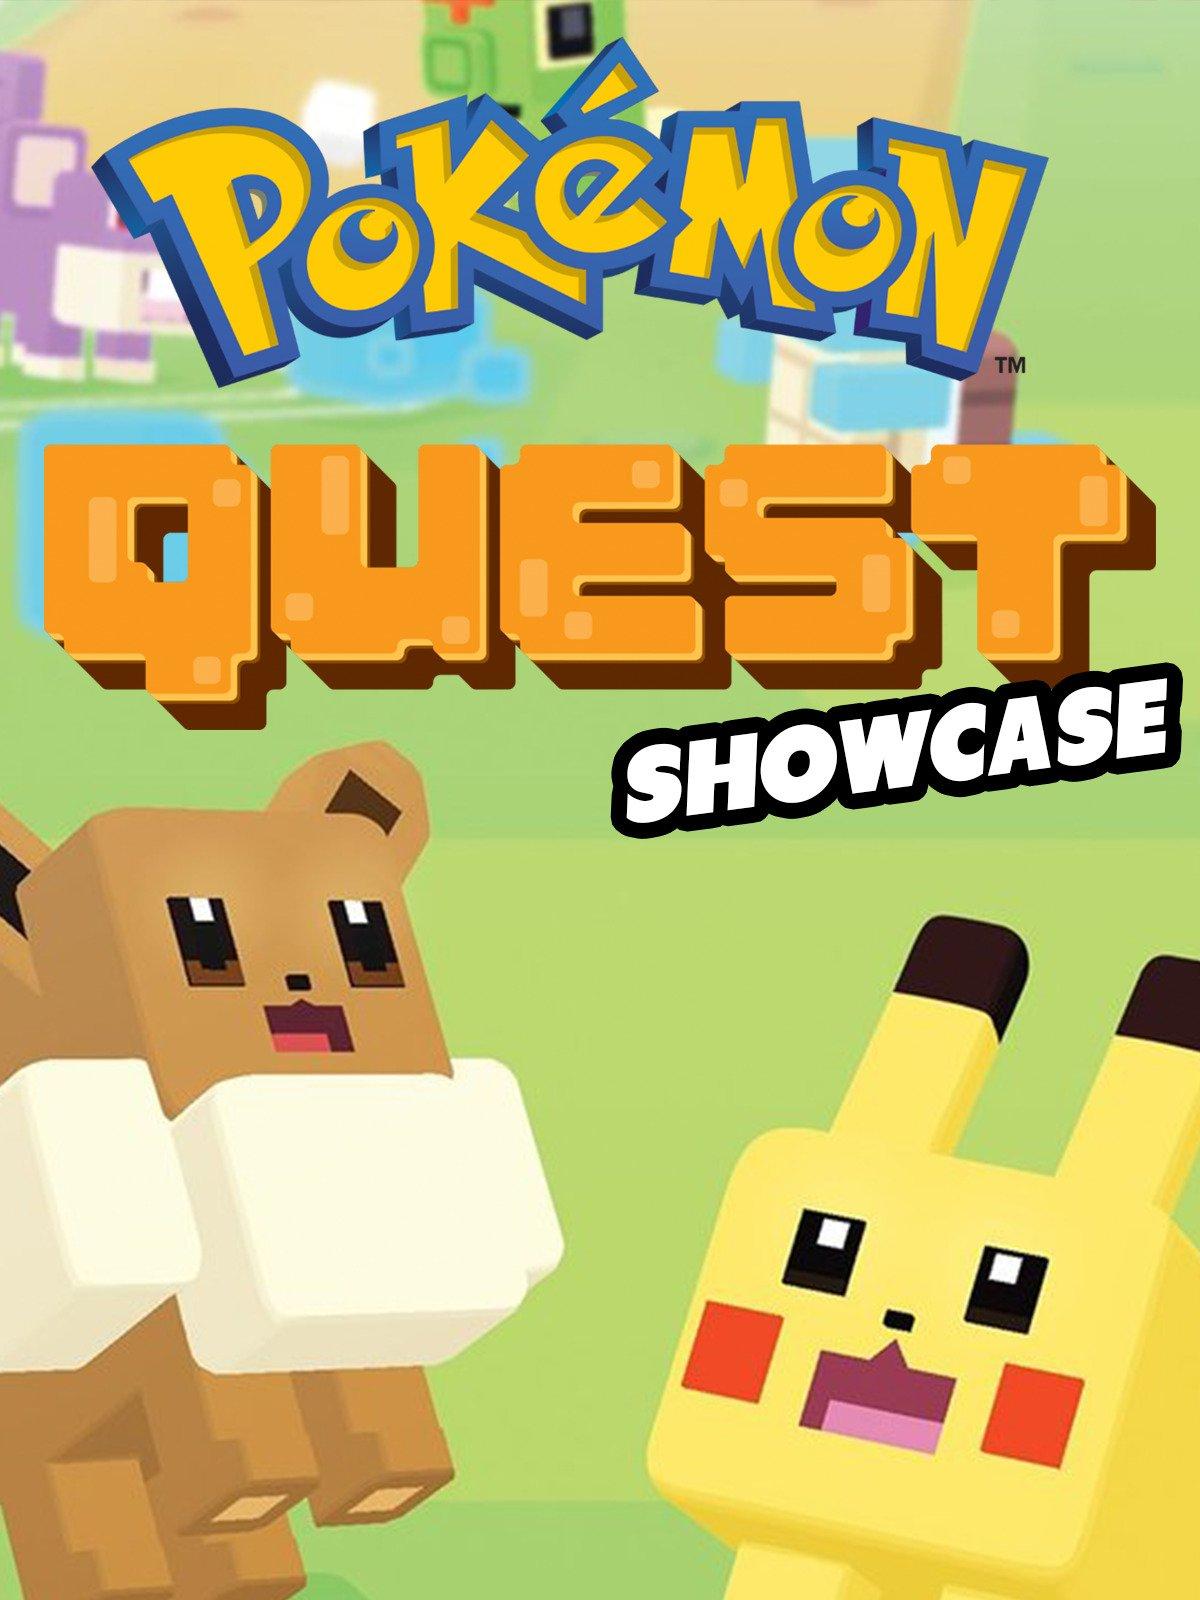 Clip: Pokemon Quest Showcase